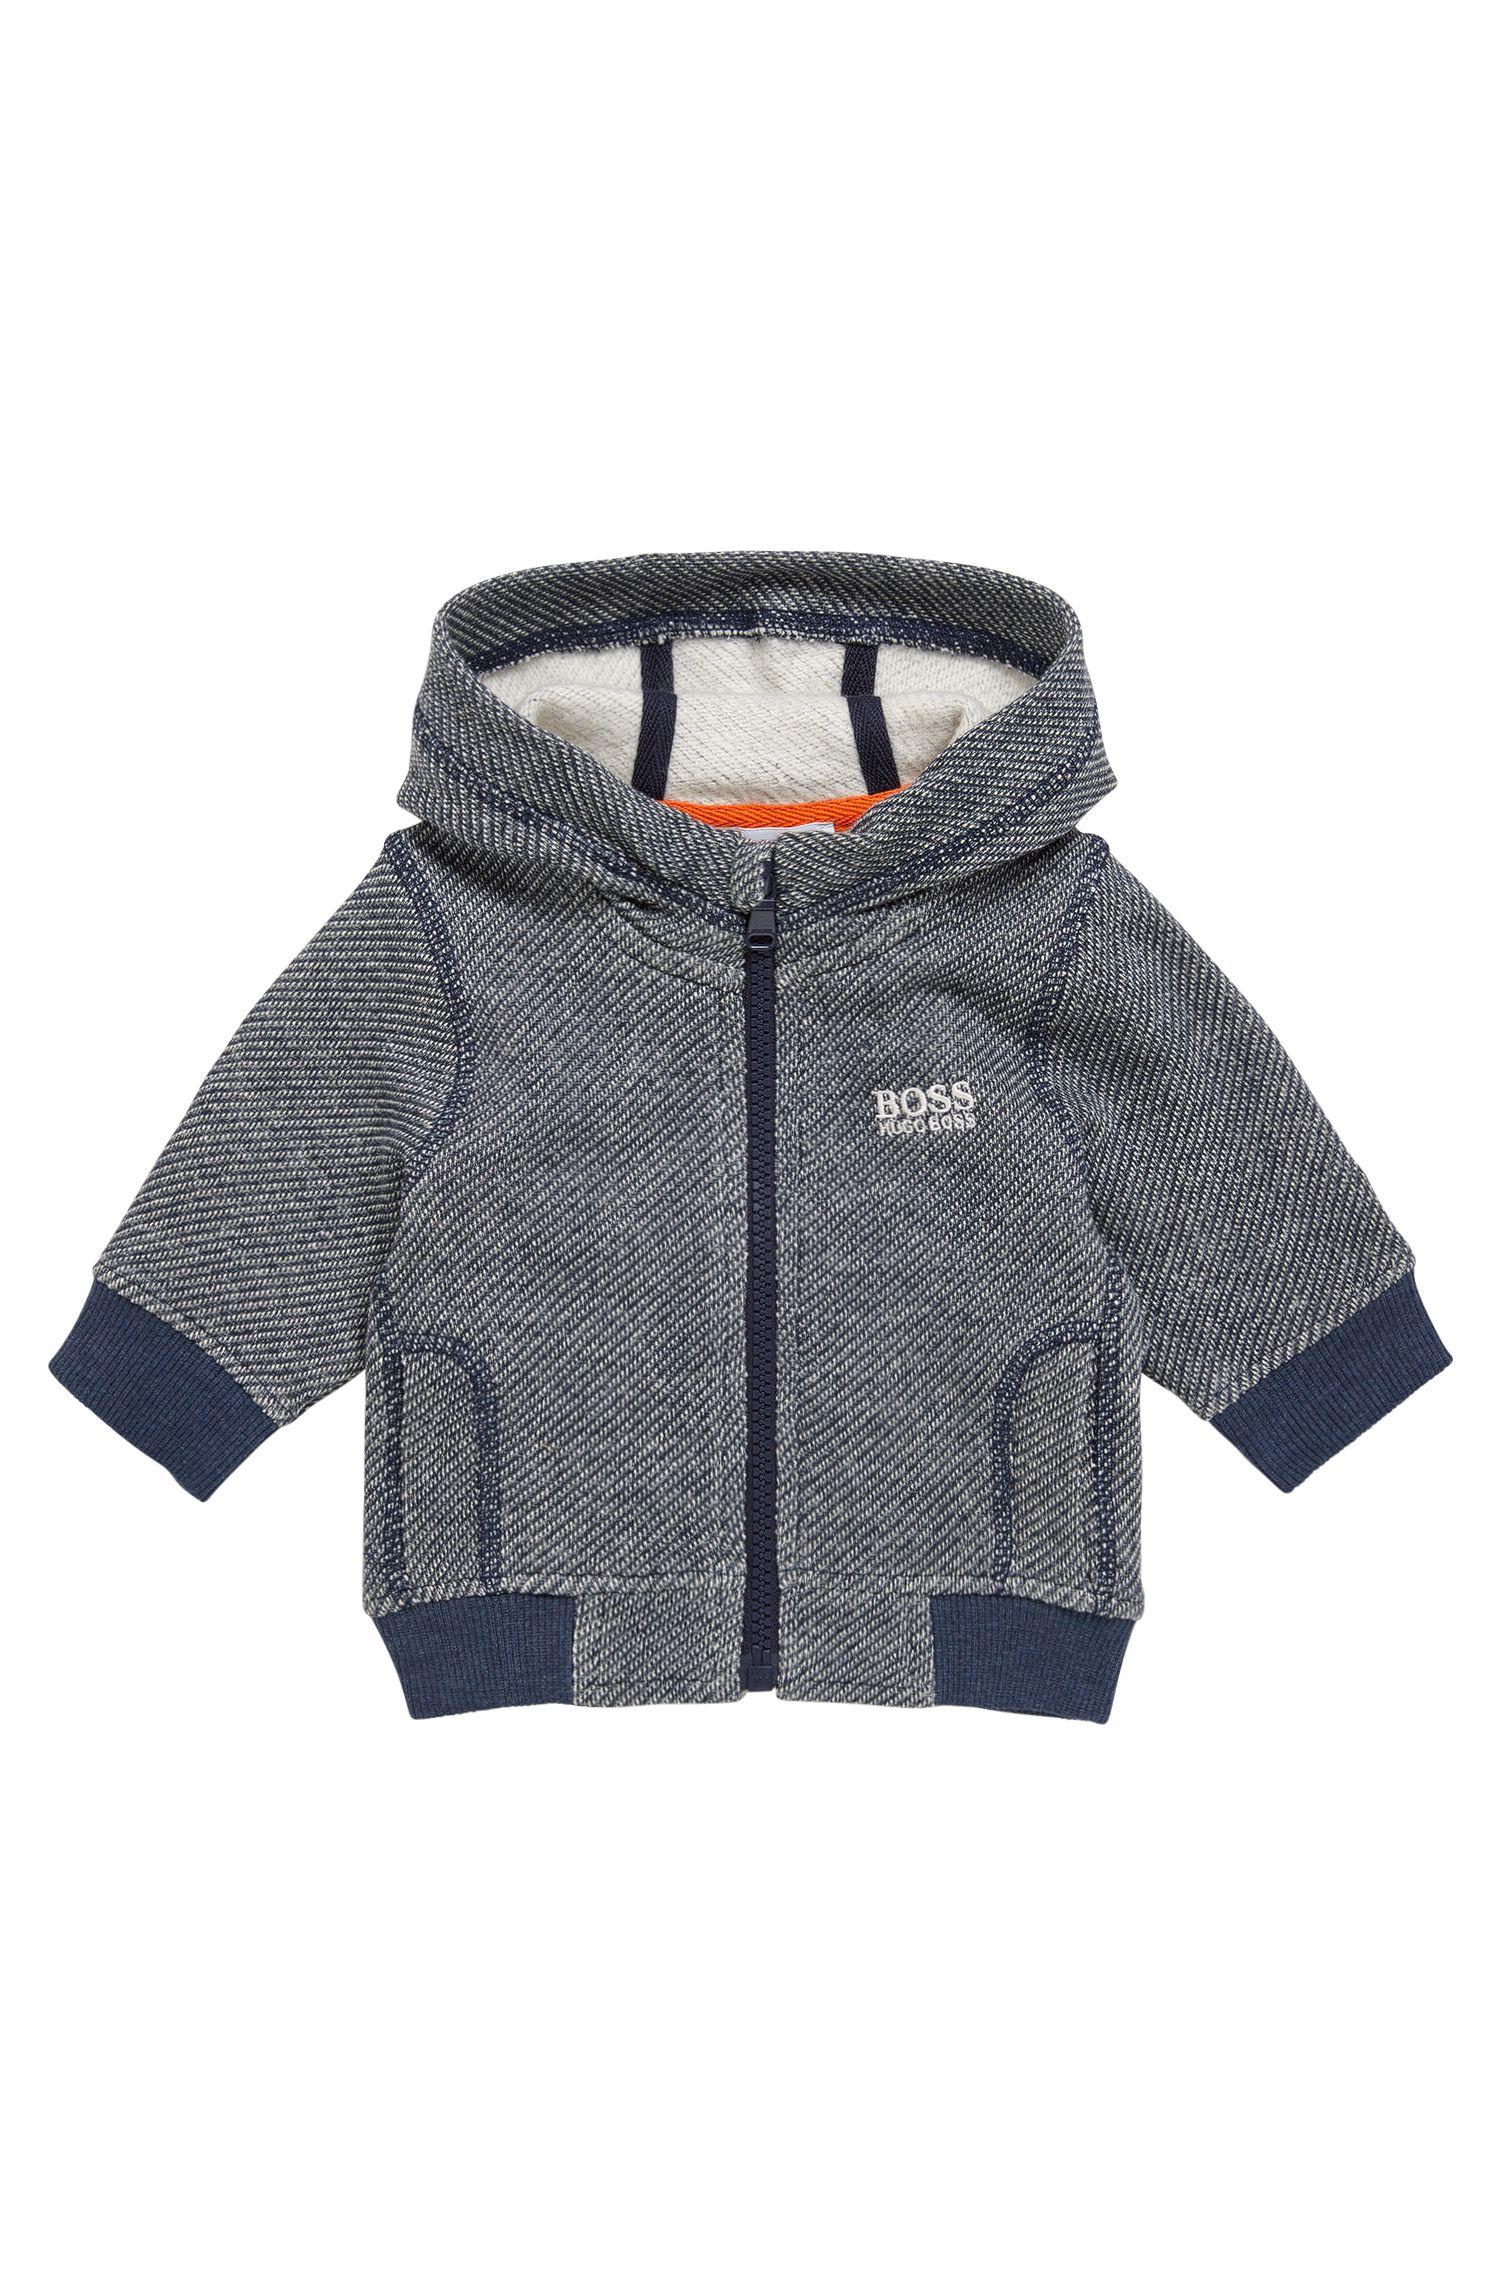 Gemusterte Baby-Sweatjacke aus elastischem Baumwoll-Mix: 'J05519'